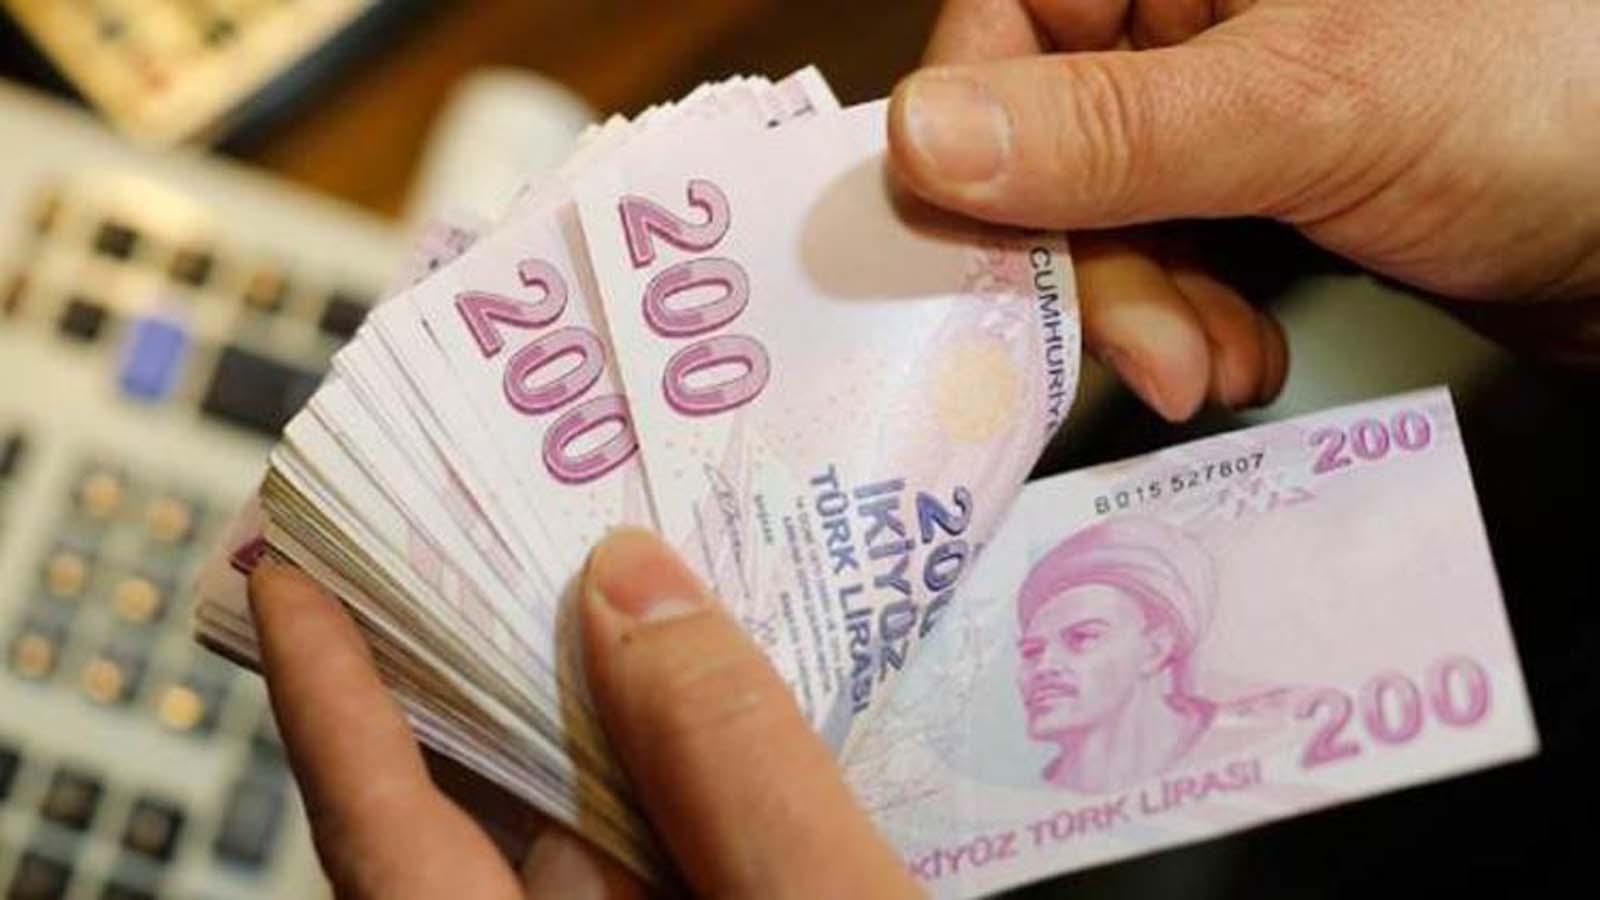 En Düşük Net Öğretmen Maaşı 3.500 Lirayı Geçti